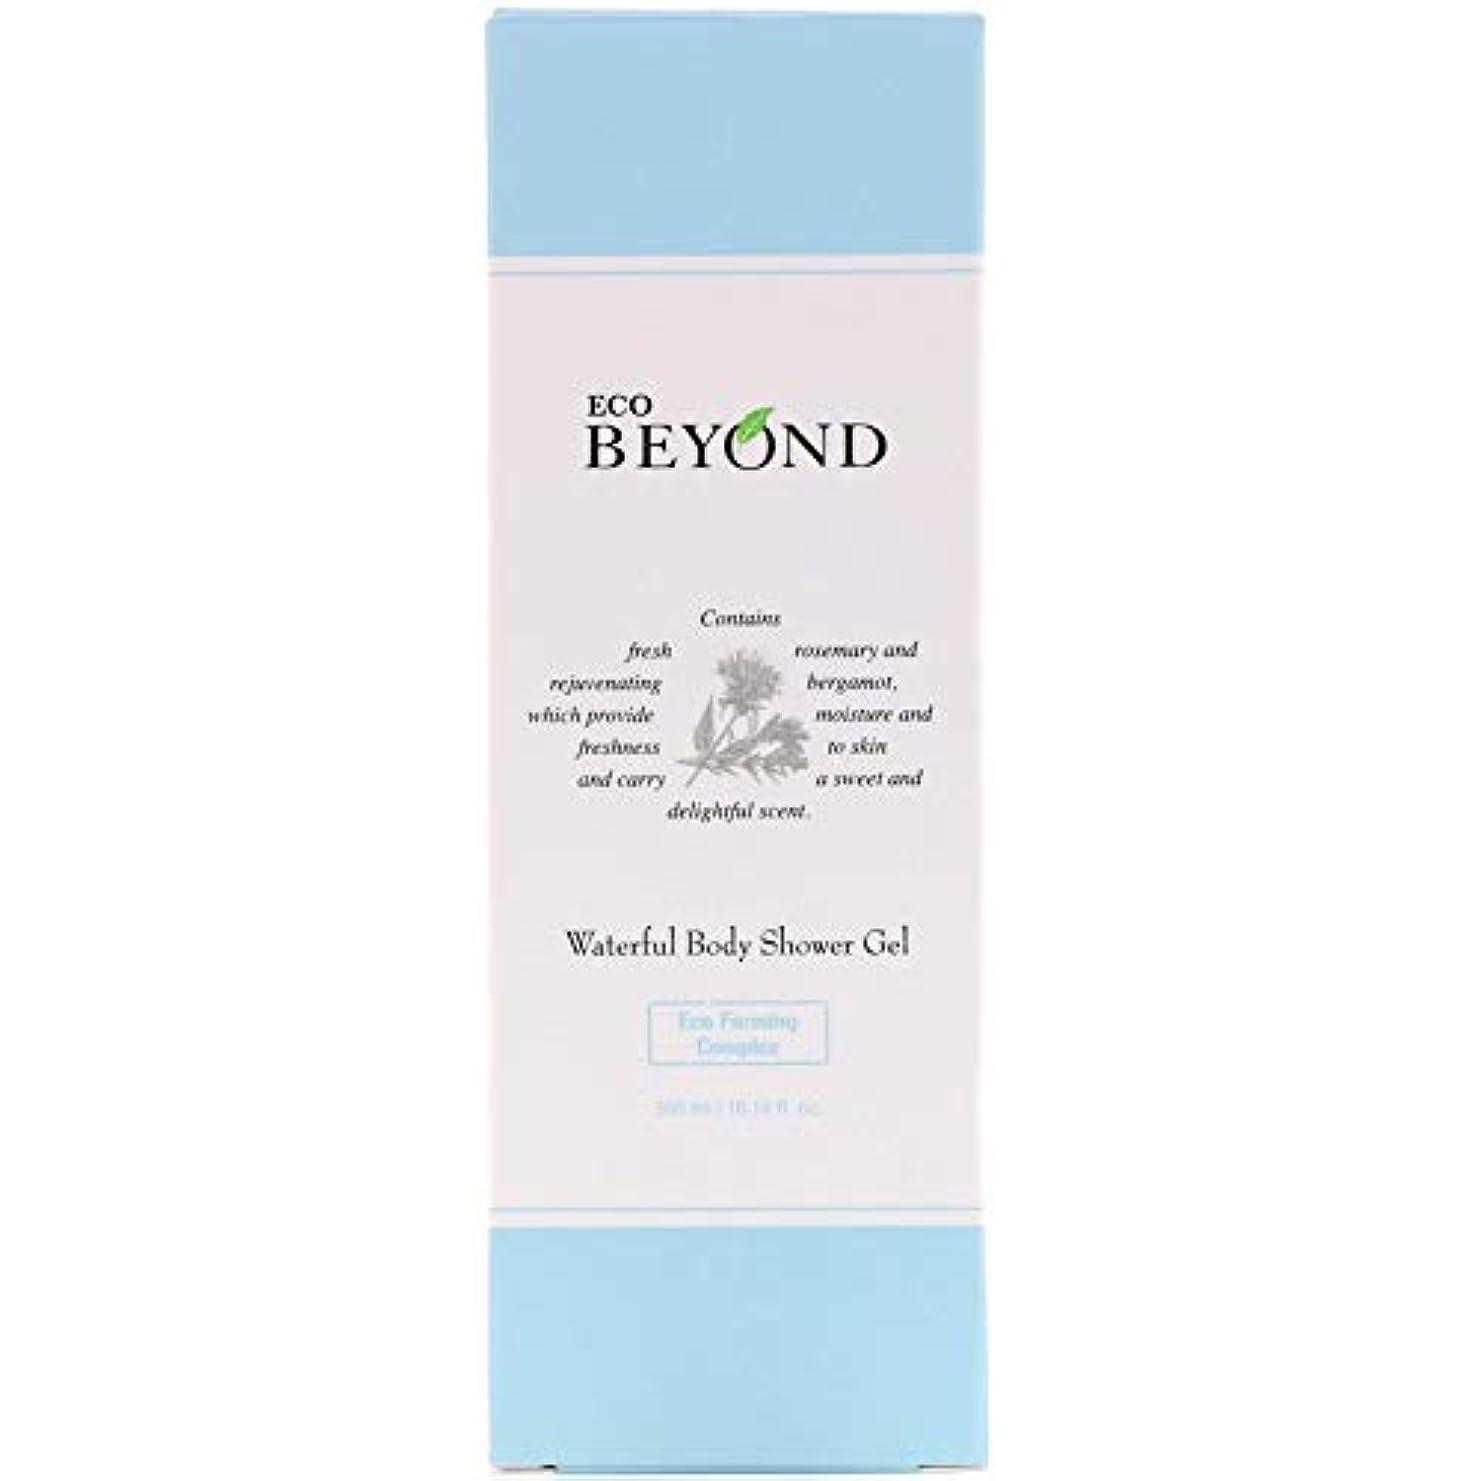 [ビヨンド] BEYOND [ウォーターフル ボディ シャワージェル 300ml] Waterful Body Shower Gel 300ml [海外直送品]